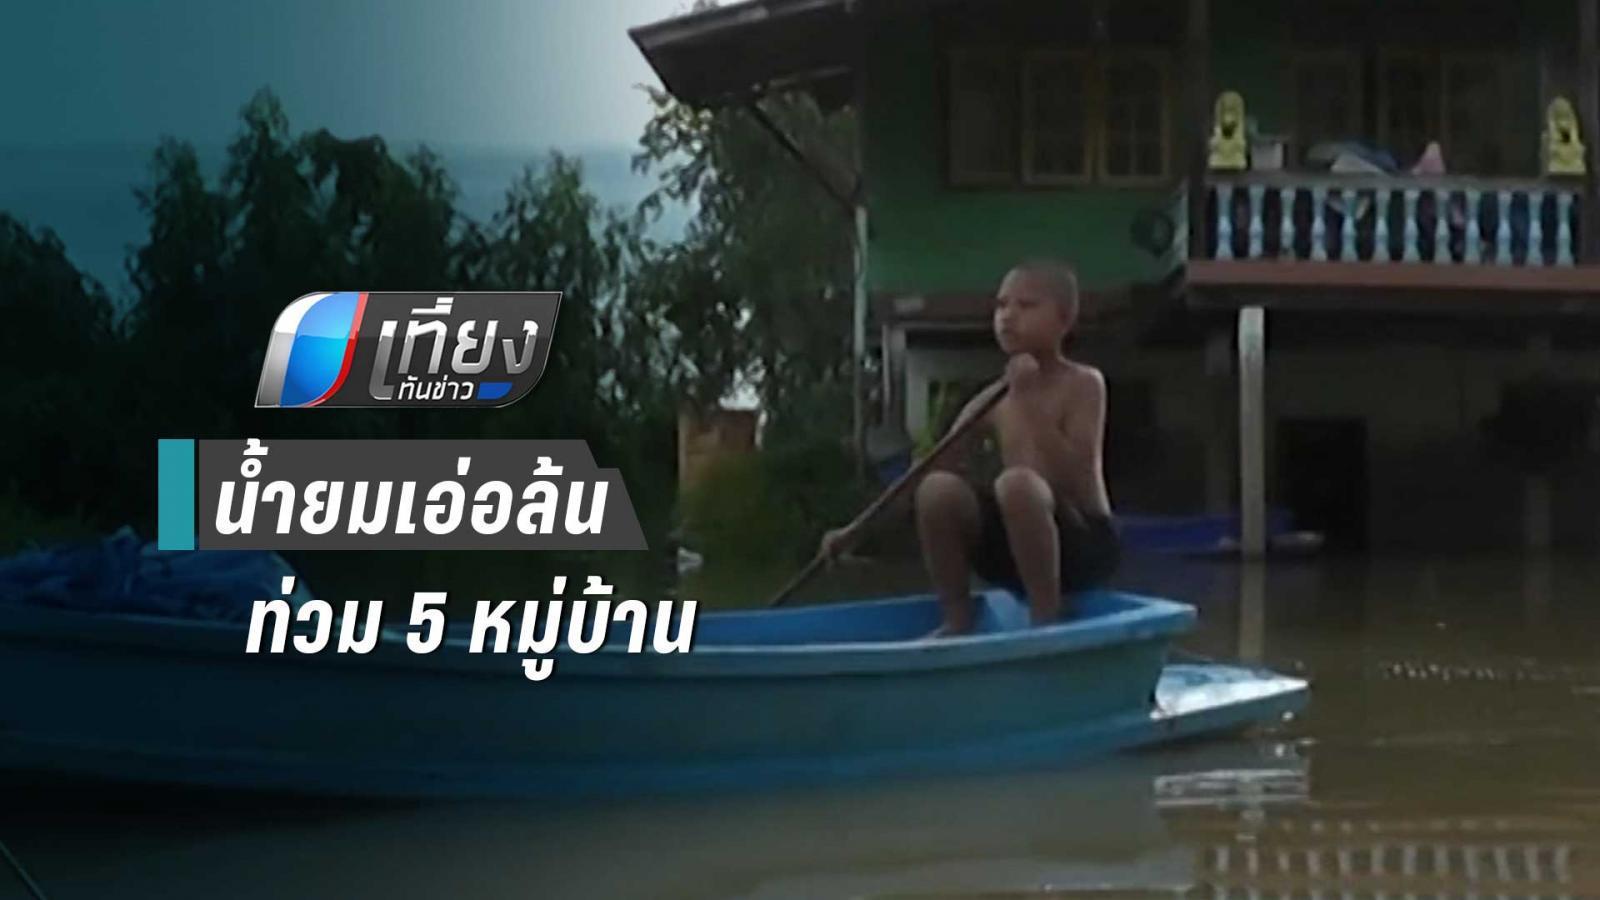 พิจิตร แม่น้ำยมเอ่อล้นท่วม 5 หมู่บ้าน